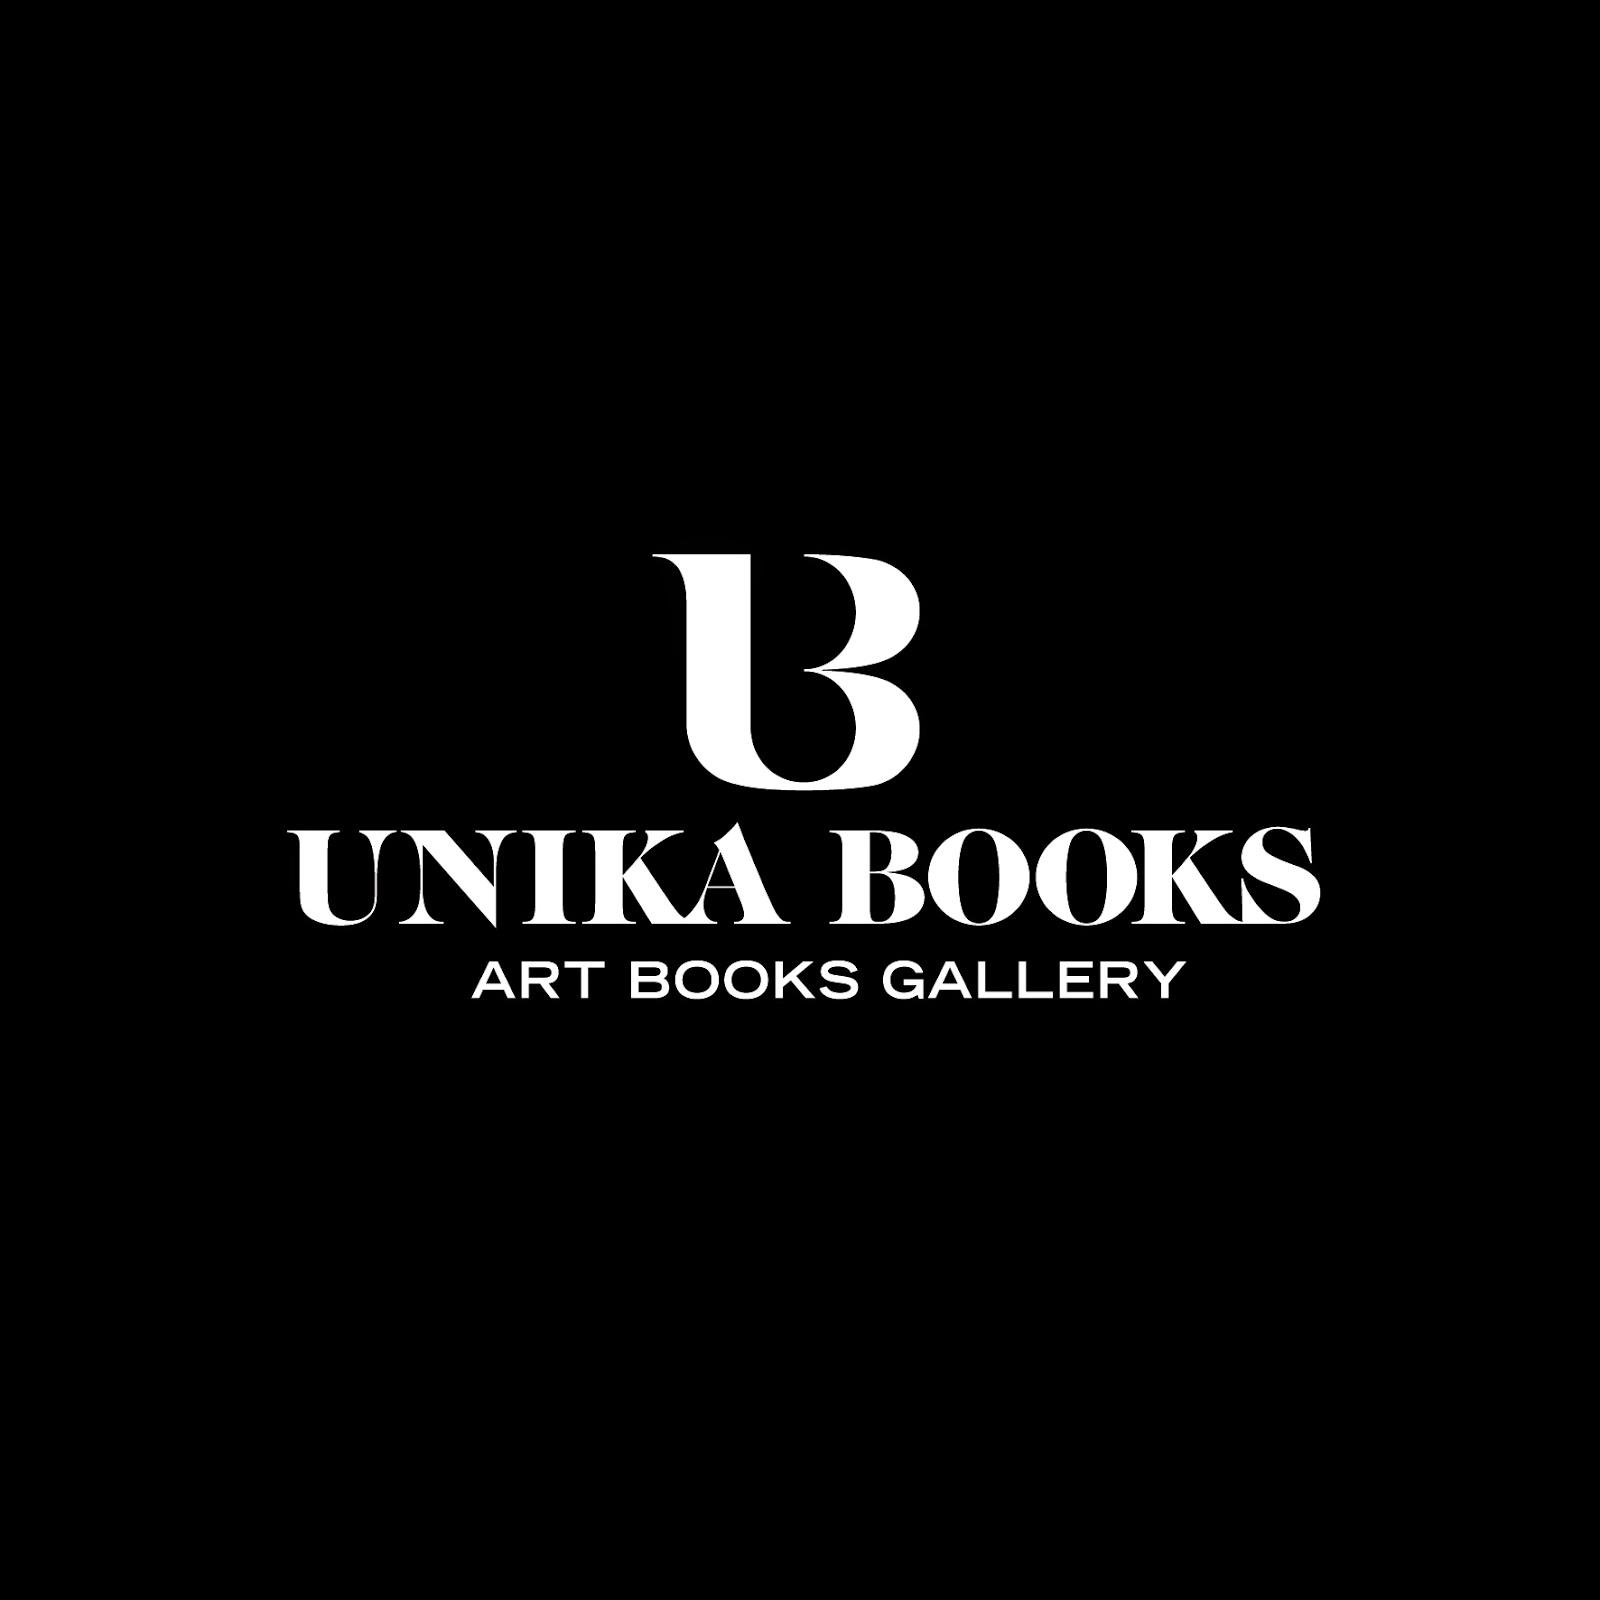 www.unikabooks.com